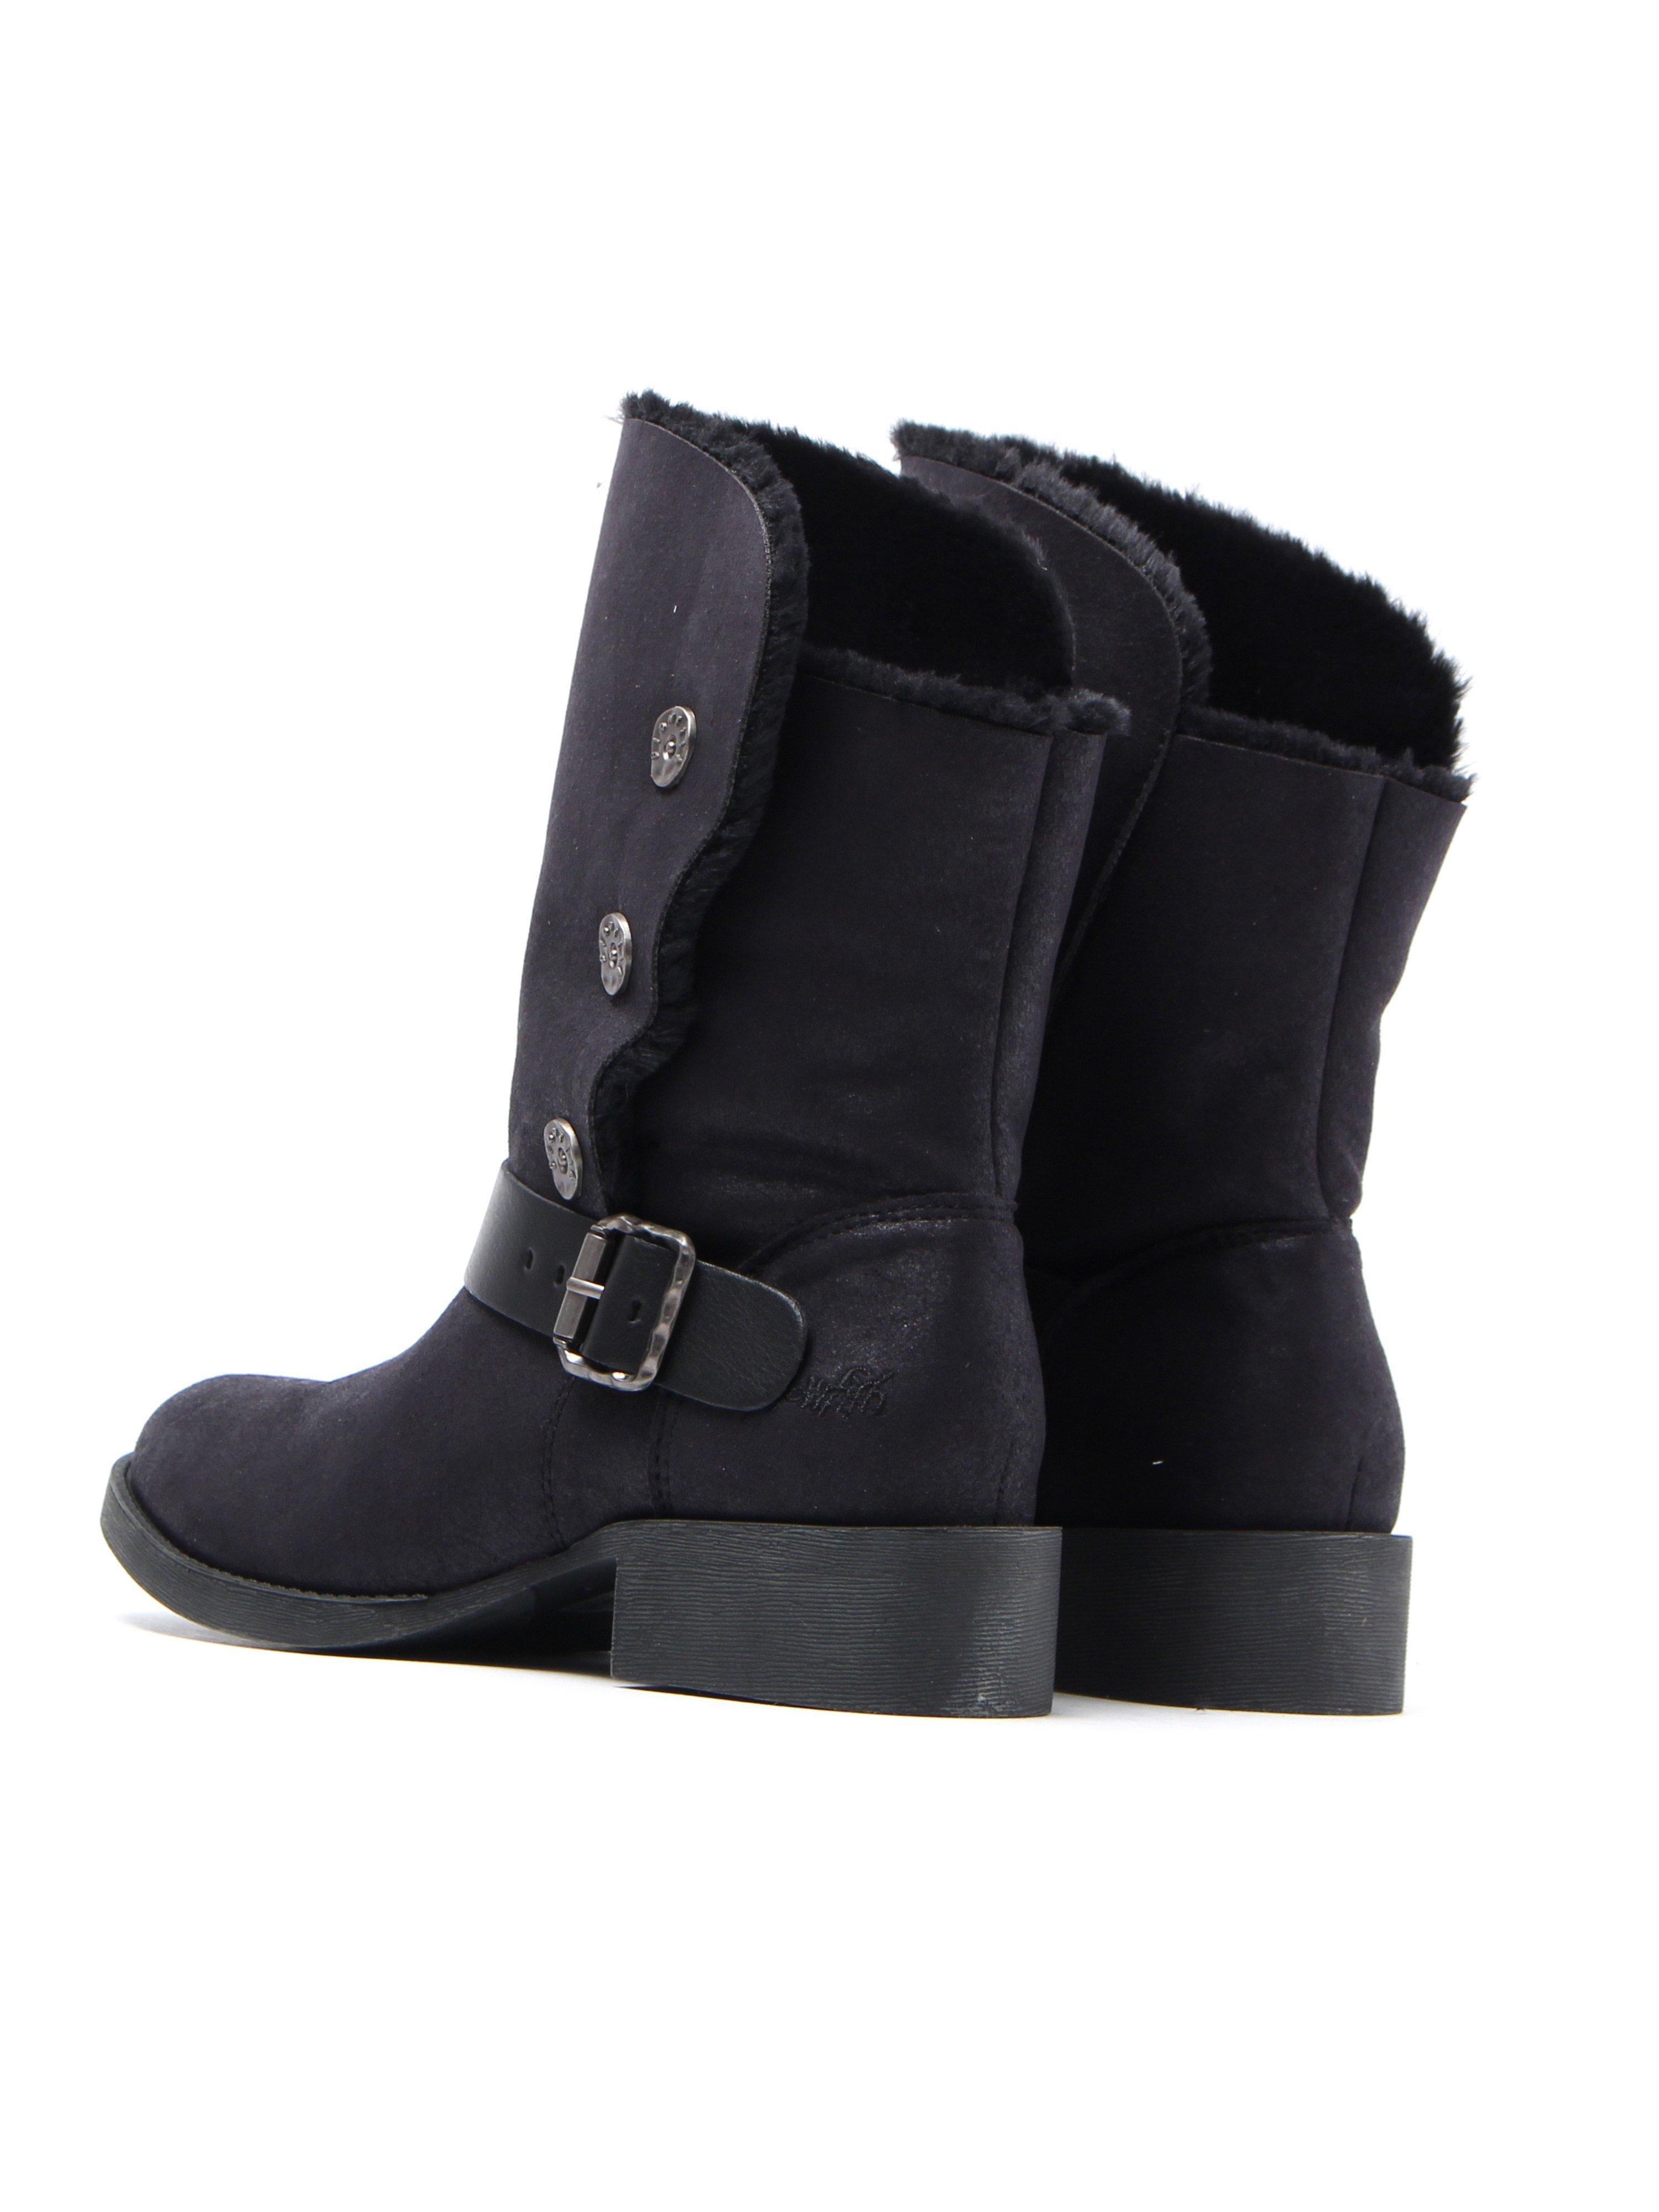 Blowfish Women's Katti SHR Mid Boots - Black